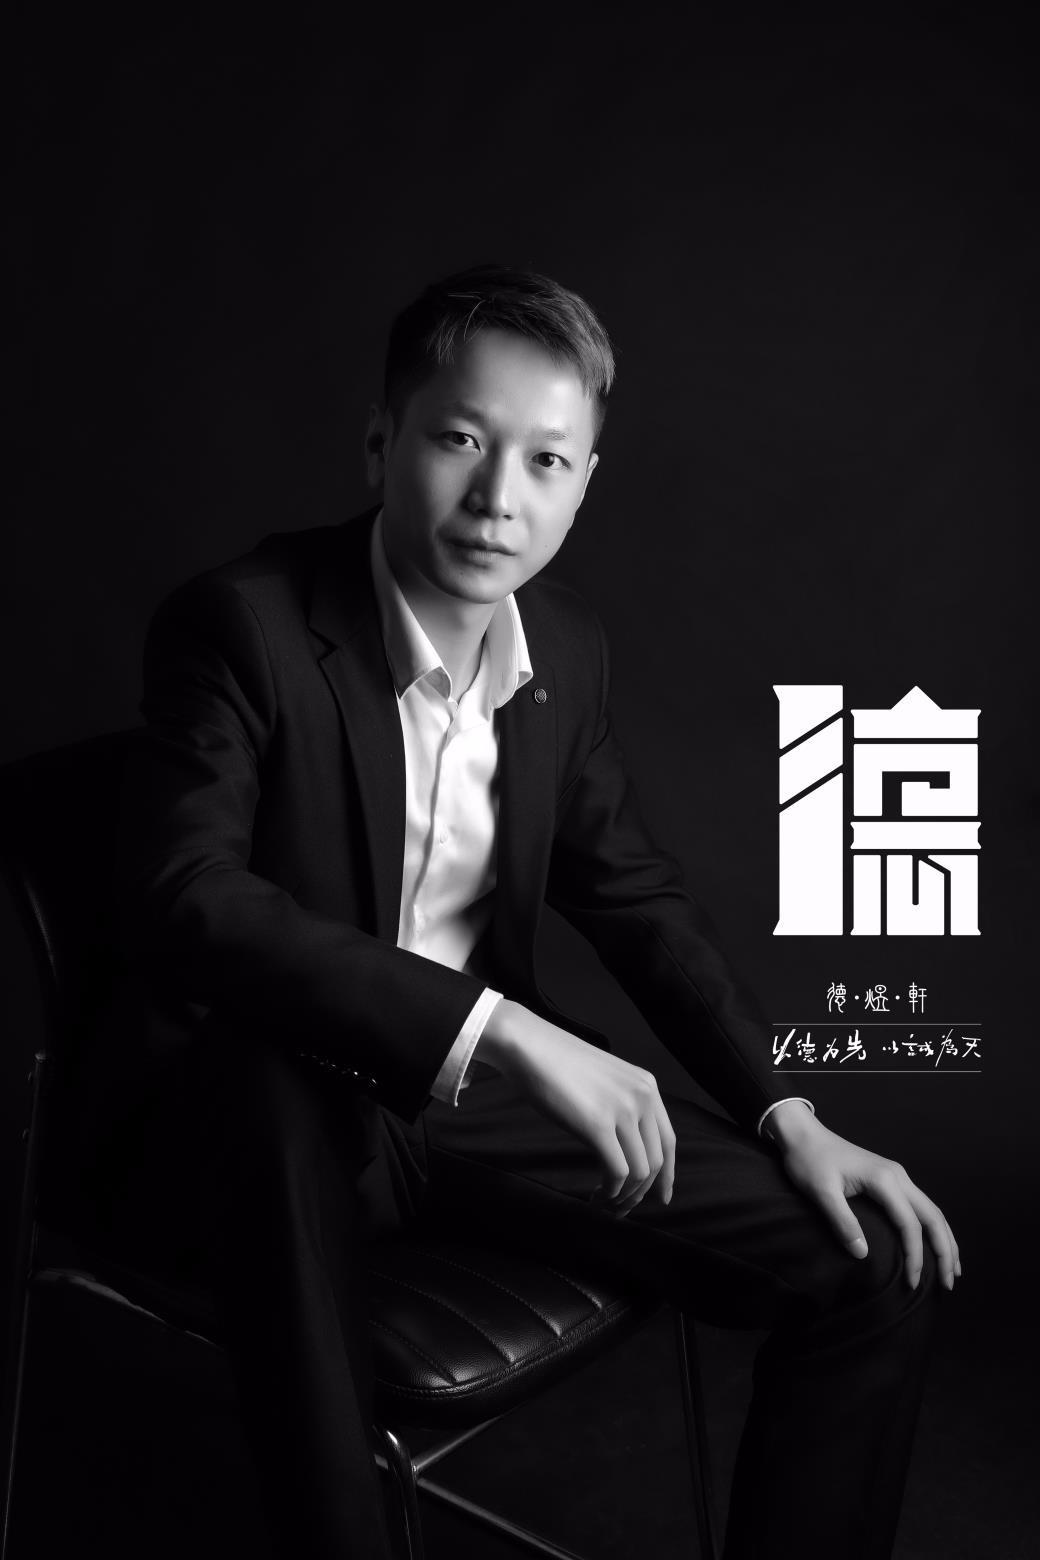 贵州德煜轩文化创意有限公司-曹鑫